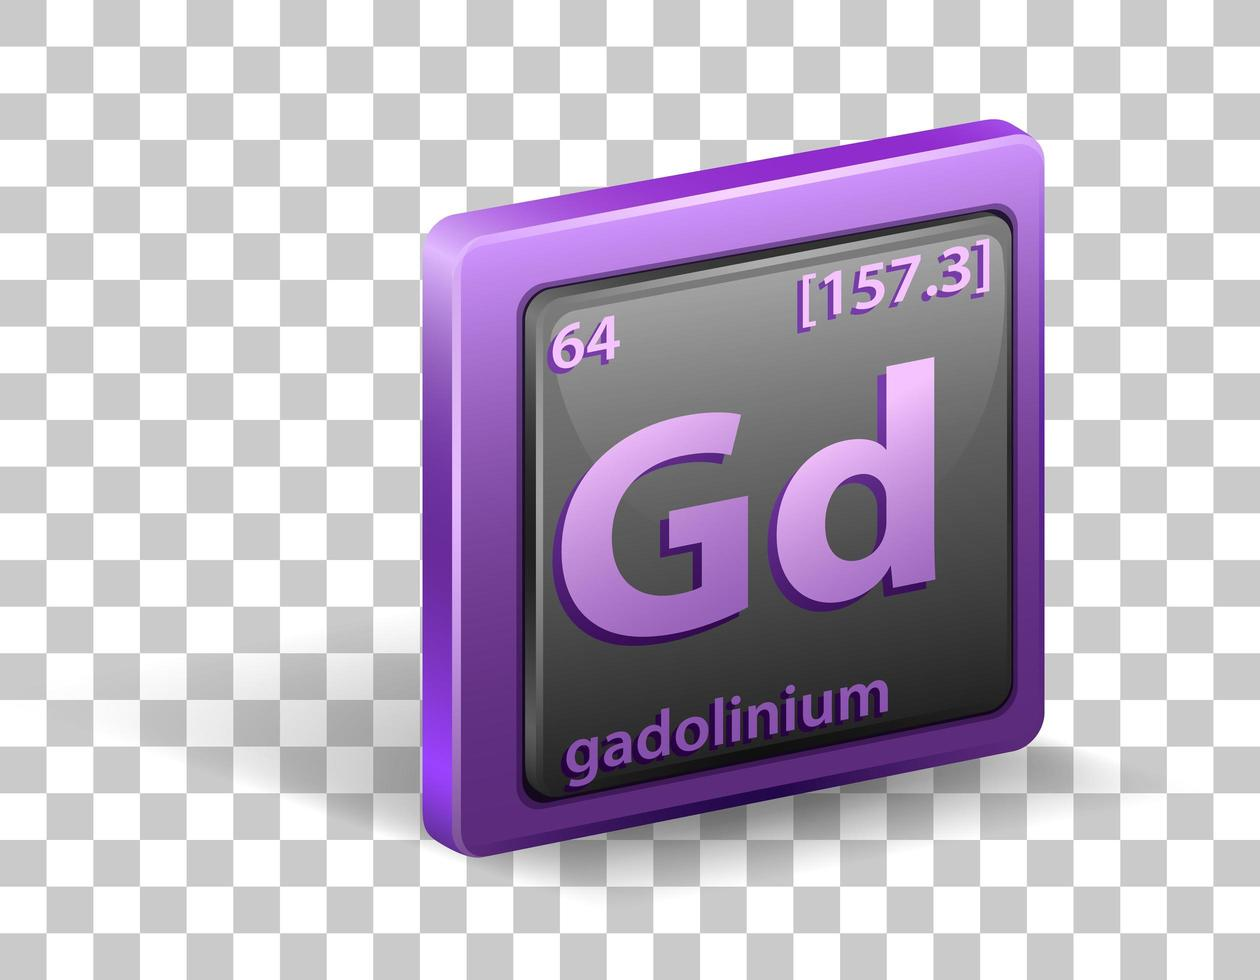 élément chimique gadolinium. symbole chimique avec numéro atomique et masse atomique. vecteur